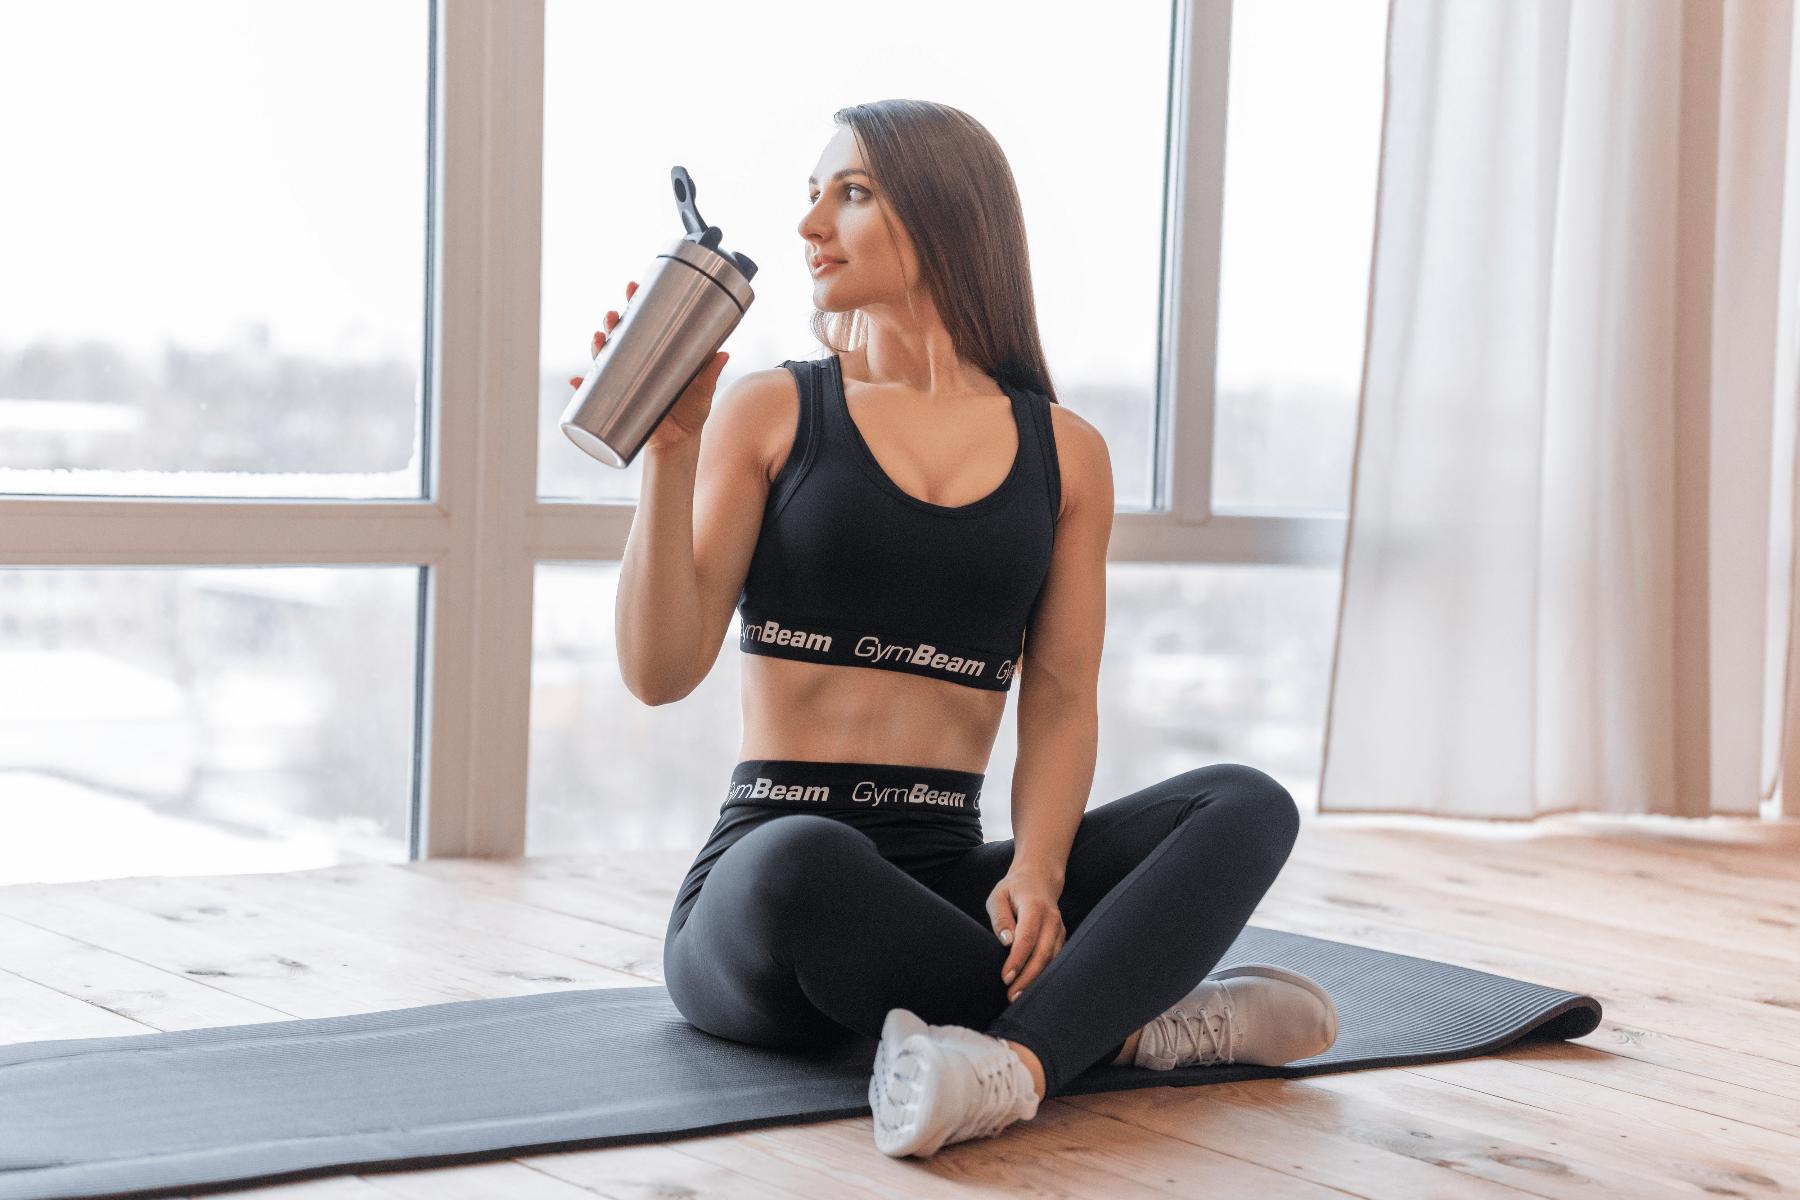 Mennyi kardió edzés kell a fogyáshoz? - Fogyókúra | Femina